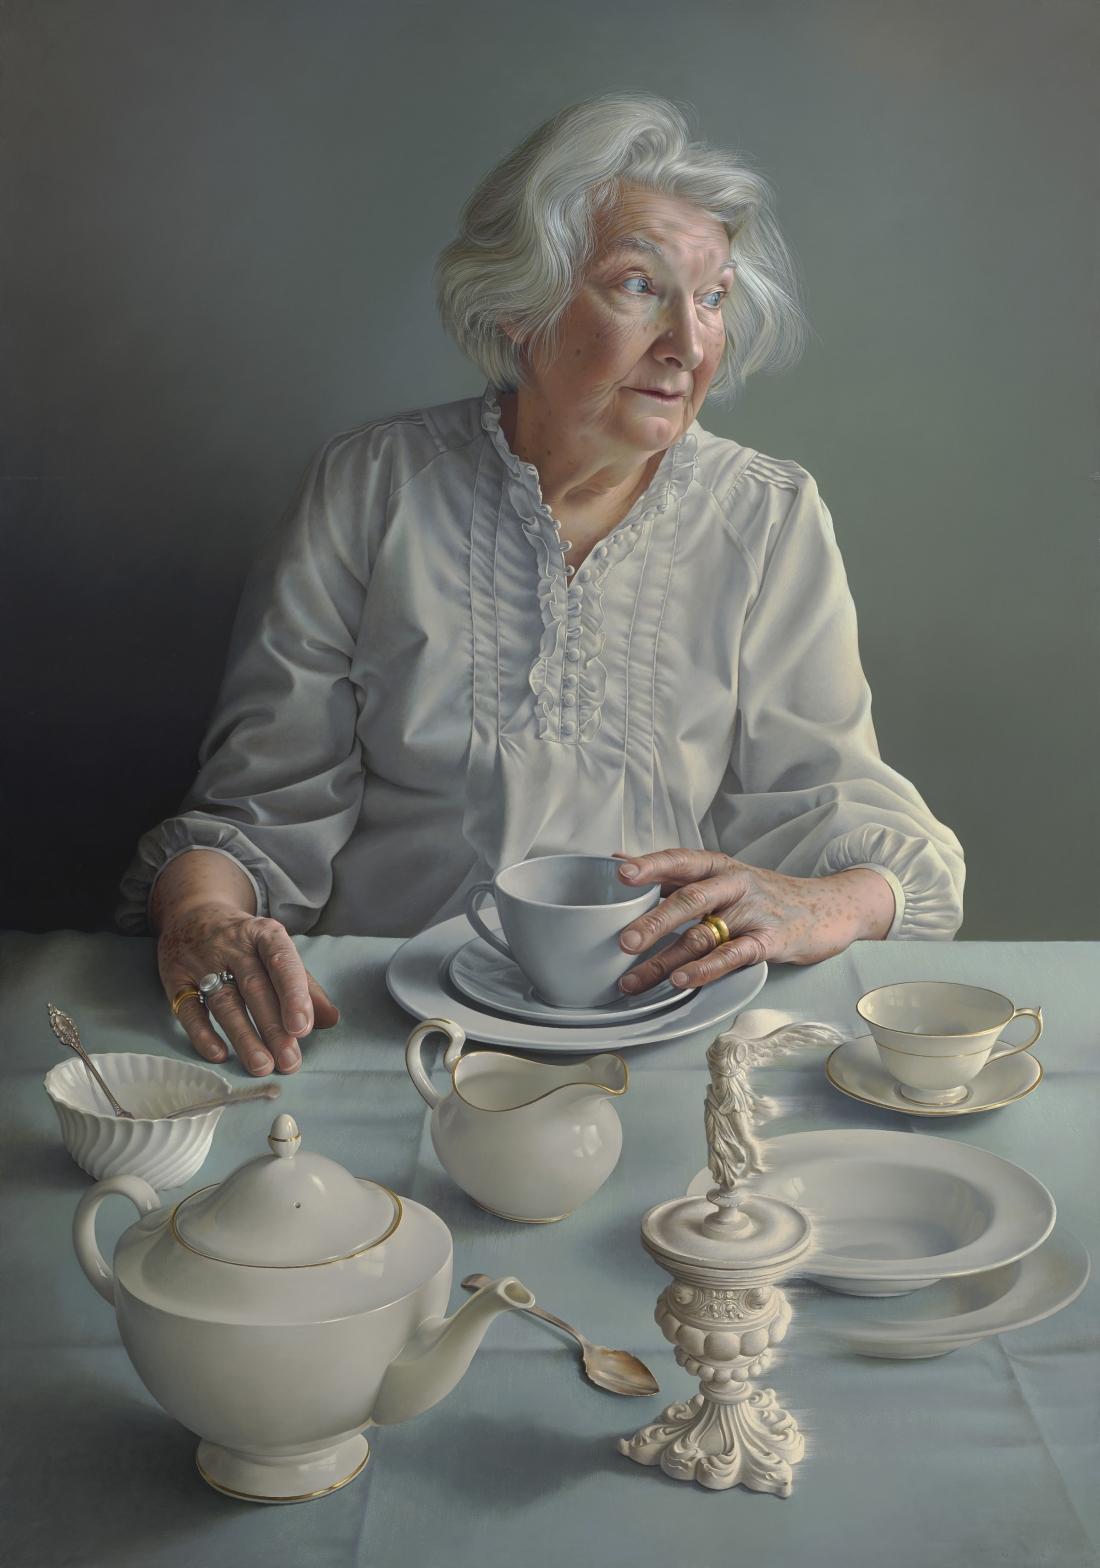 Miriam Escofet. An Angel At My Table. © Miriam Escofet